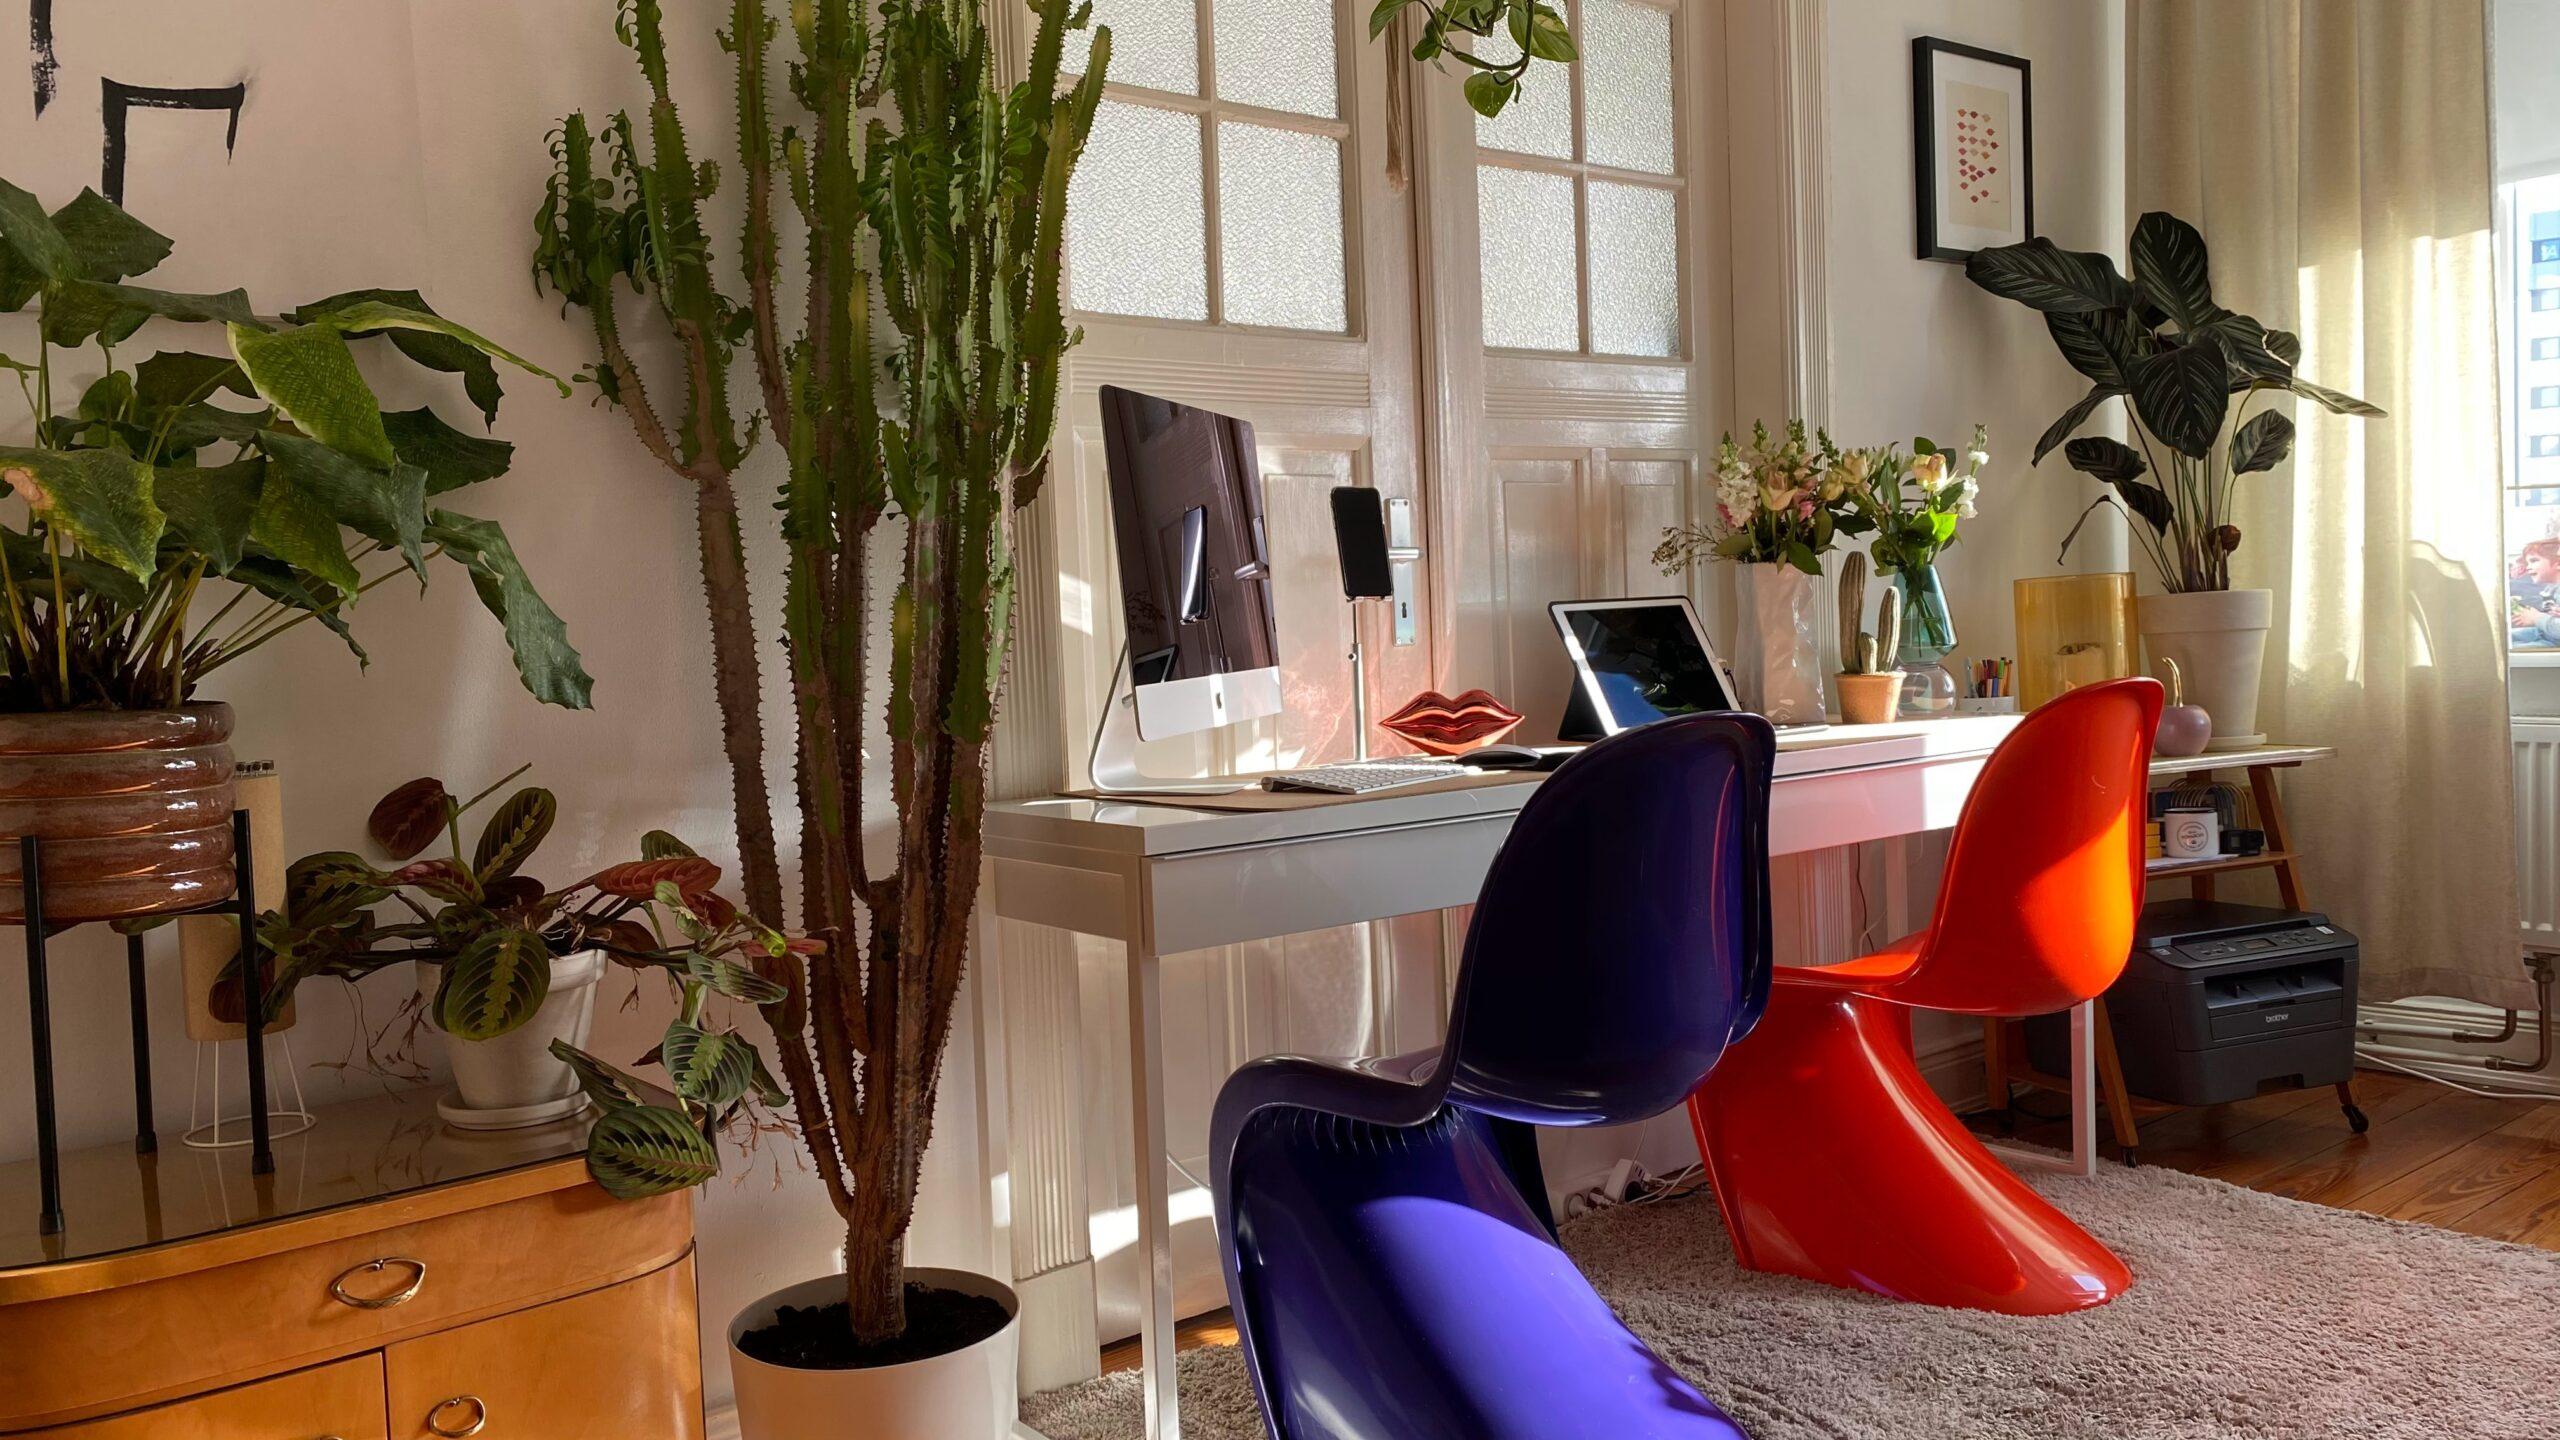 まとめ:女性に優しいオフィスを目指して、快適さを追求しよう